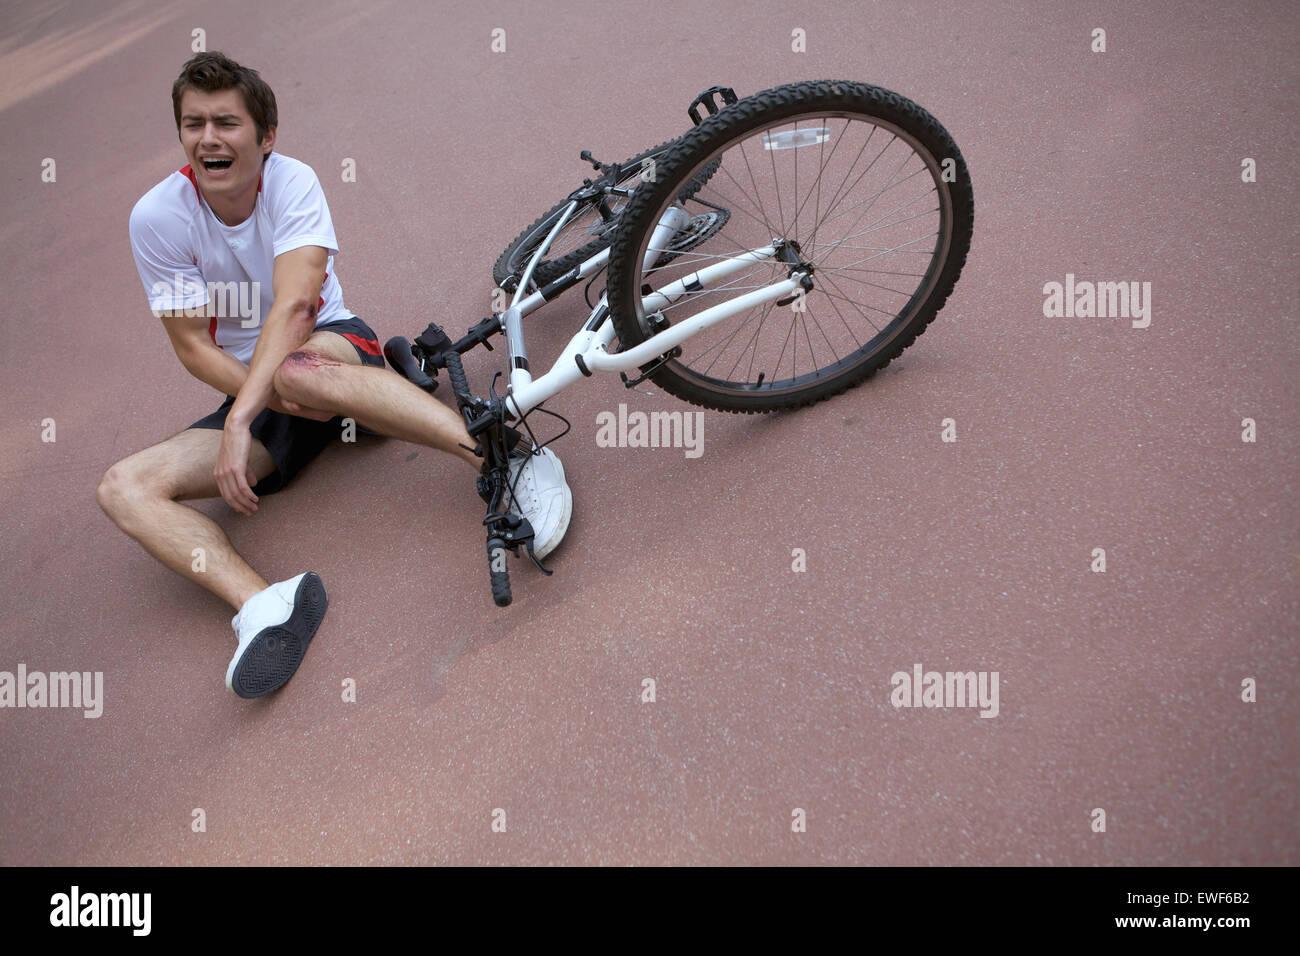 Joven herido durante el andar en bicicleta Imagen De Stock